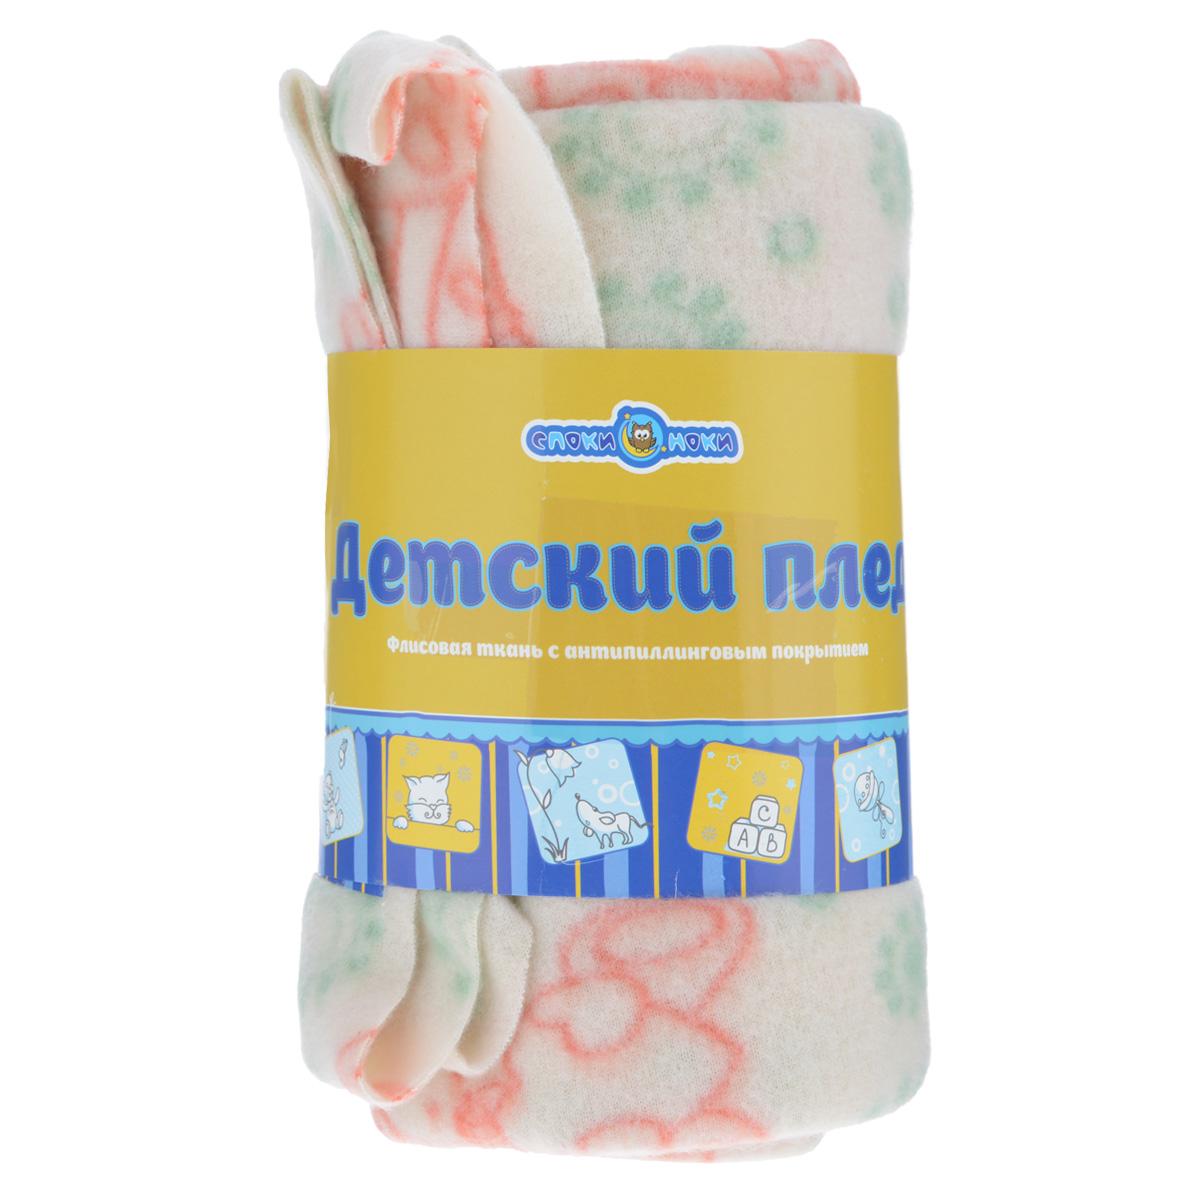 Плед флисовый Baby Nice, цвет: белый, розовый, зеленый, 100 см х 118 смF251004_бежевыйМягкий плед для малышей Baby Nice выполнен из флиса, теплого, легкого, долговечного трикотажного материала. Плед очень приятный на ощупь и обладает эффектом сухого тепла за счет высокого уровня вентиляции и малого коэффициента поглощения влаги. Подходит для прохладной погоды. Изделие не вызывает аллергии.Плед удобен в эксплуатации: легко стирается, быстро сохнет, не требует глажки и обладает антипиллинговым свойством. Детский плед Baby Nice - лучший выбор родителей, которые хотят подарить ребенку ощущение комфорта и надежности уже с первых дней жизни. Размер: 100 см х 118 см.